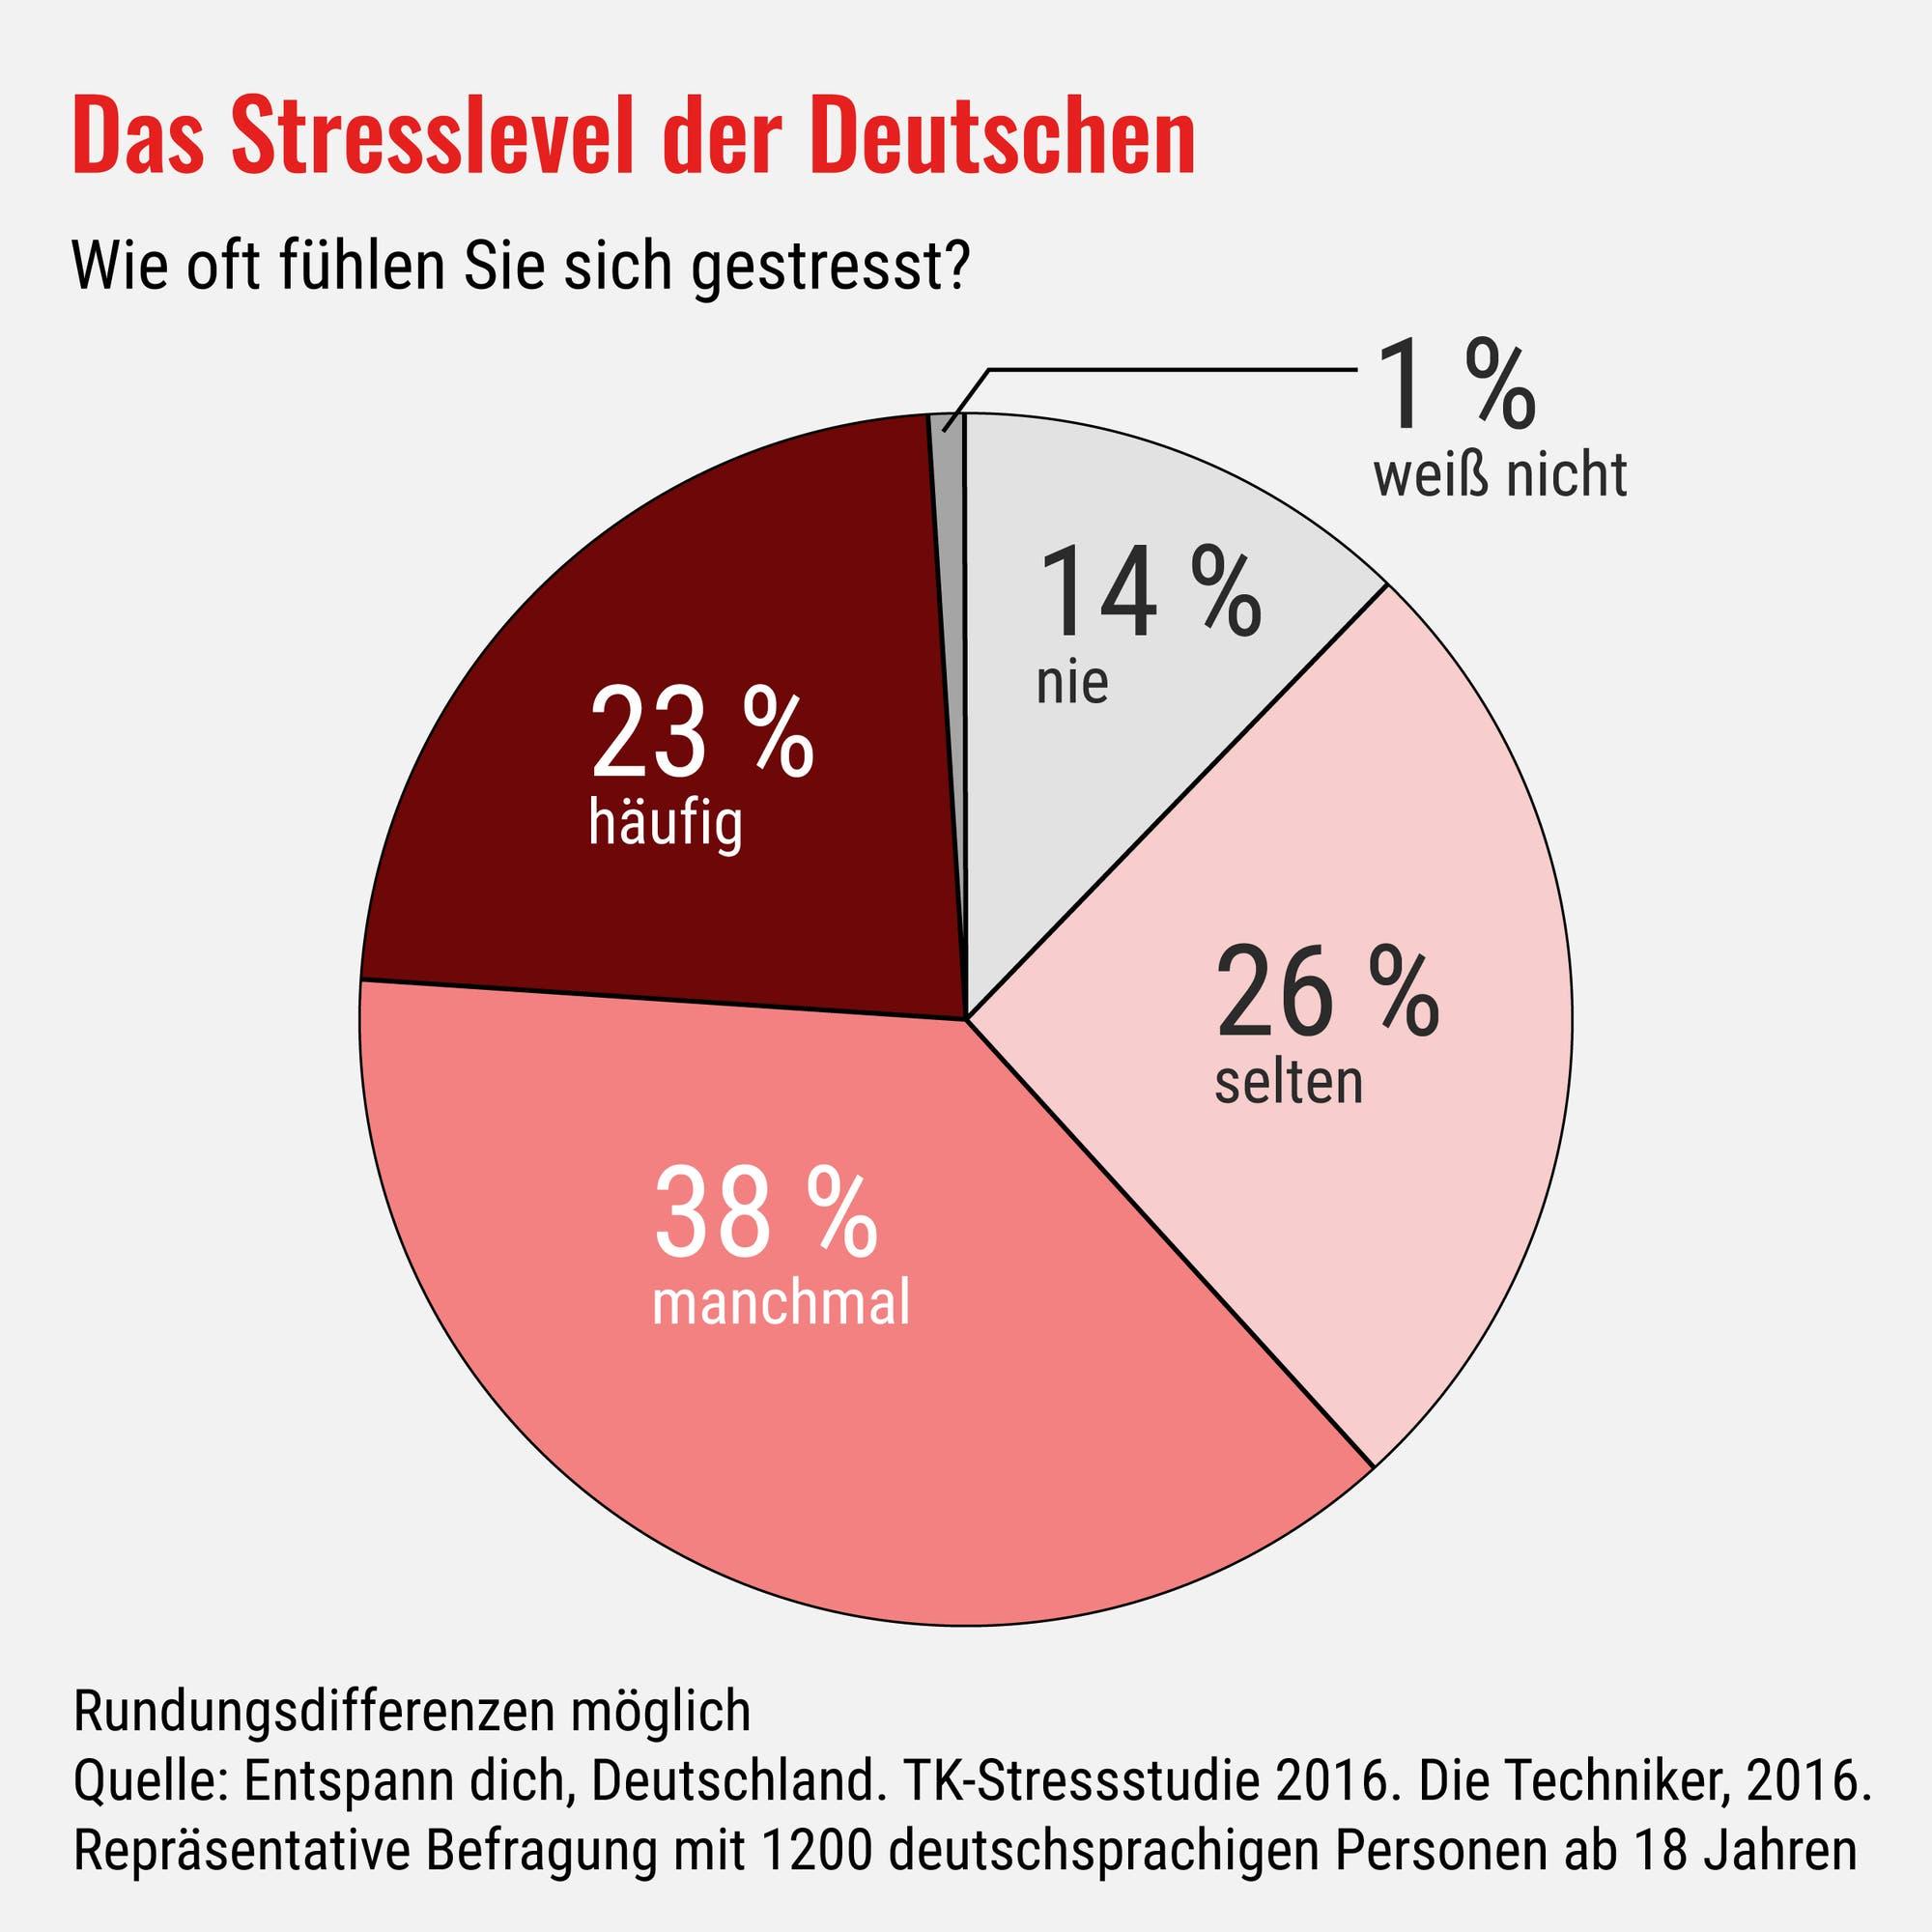 Das Stresslevel der Deutschen